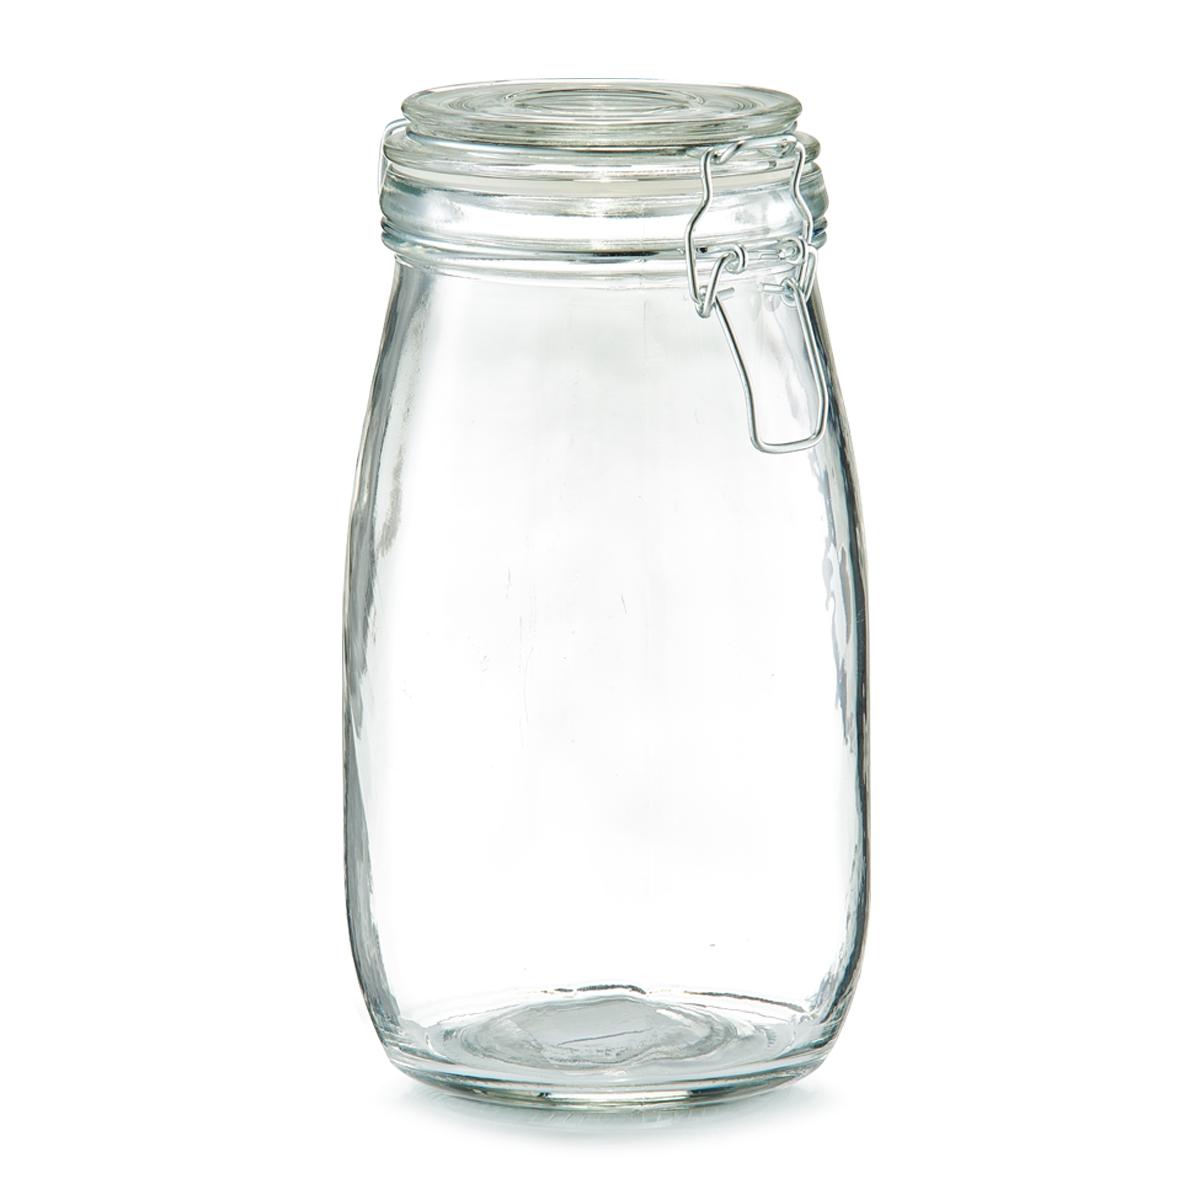 Borcan pentru depozitare cu capac, inchidere ermetica, Clip III Glass, 1450 ml, Ø 11xH22 cm poza